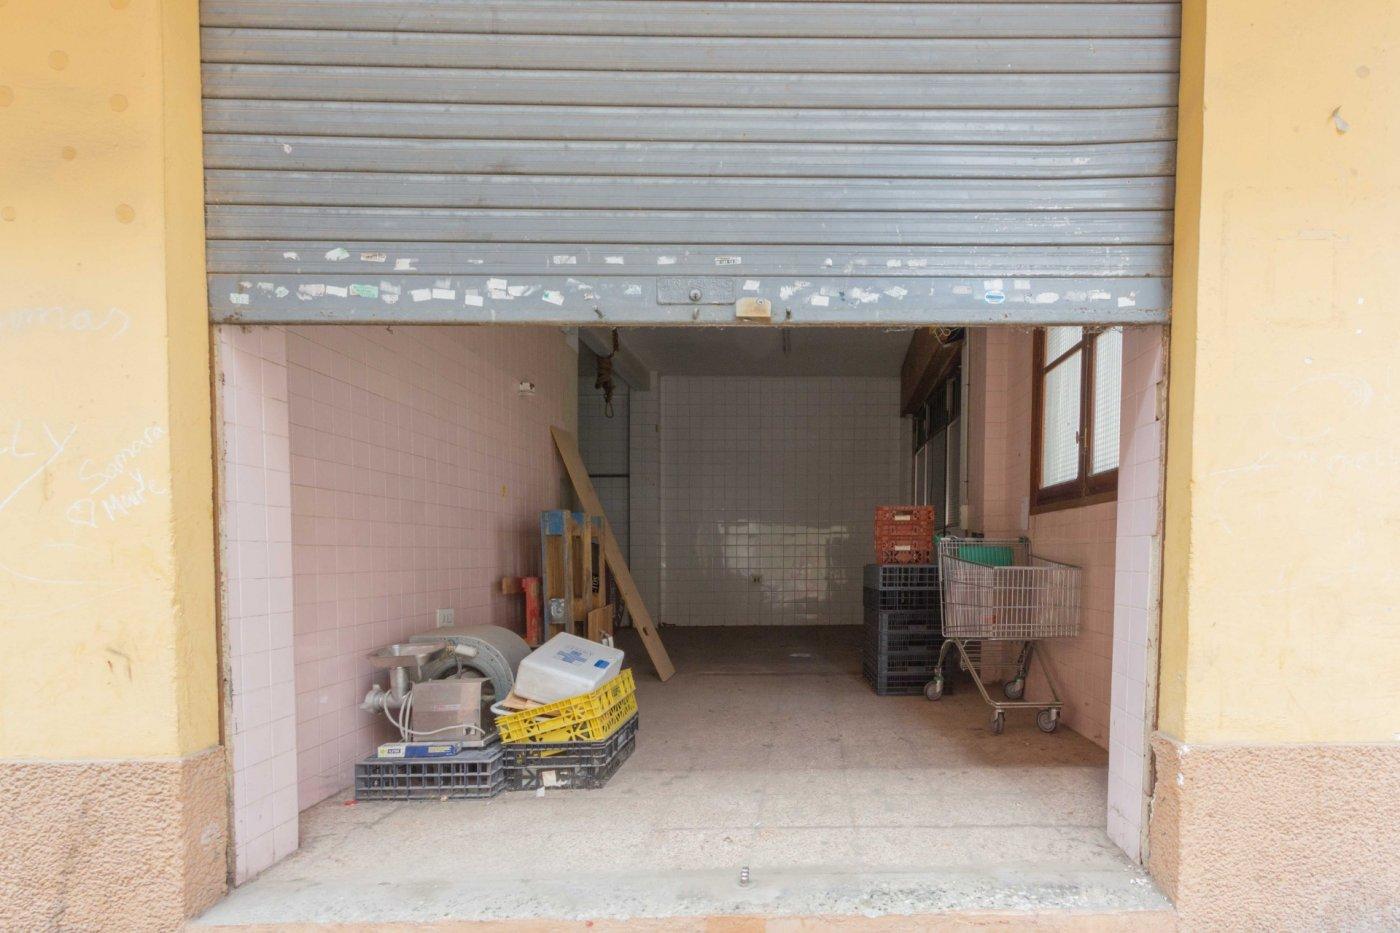 local-comercial en alaquas · alaquas 125000€